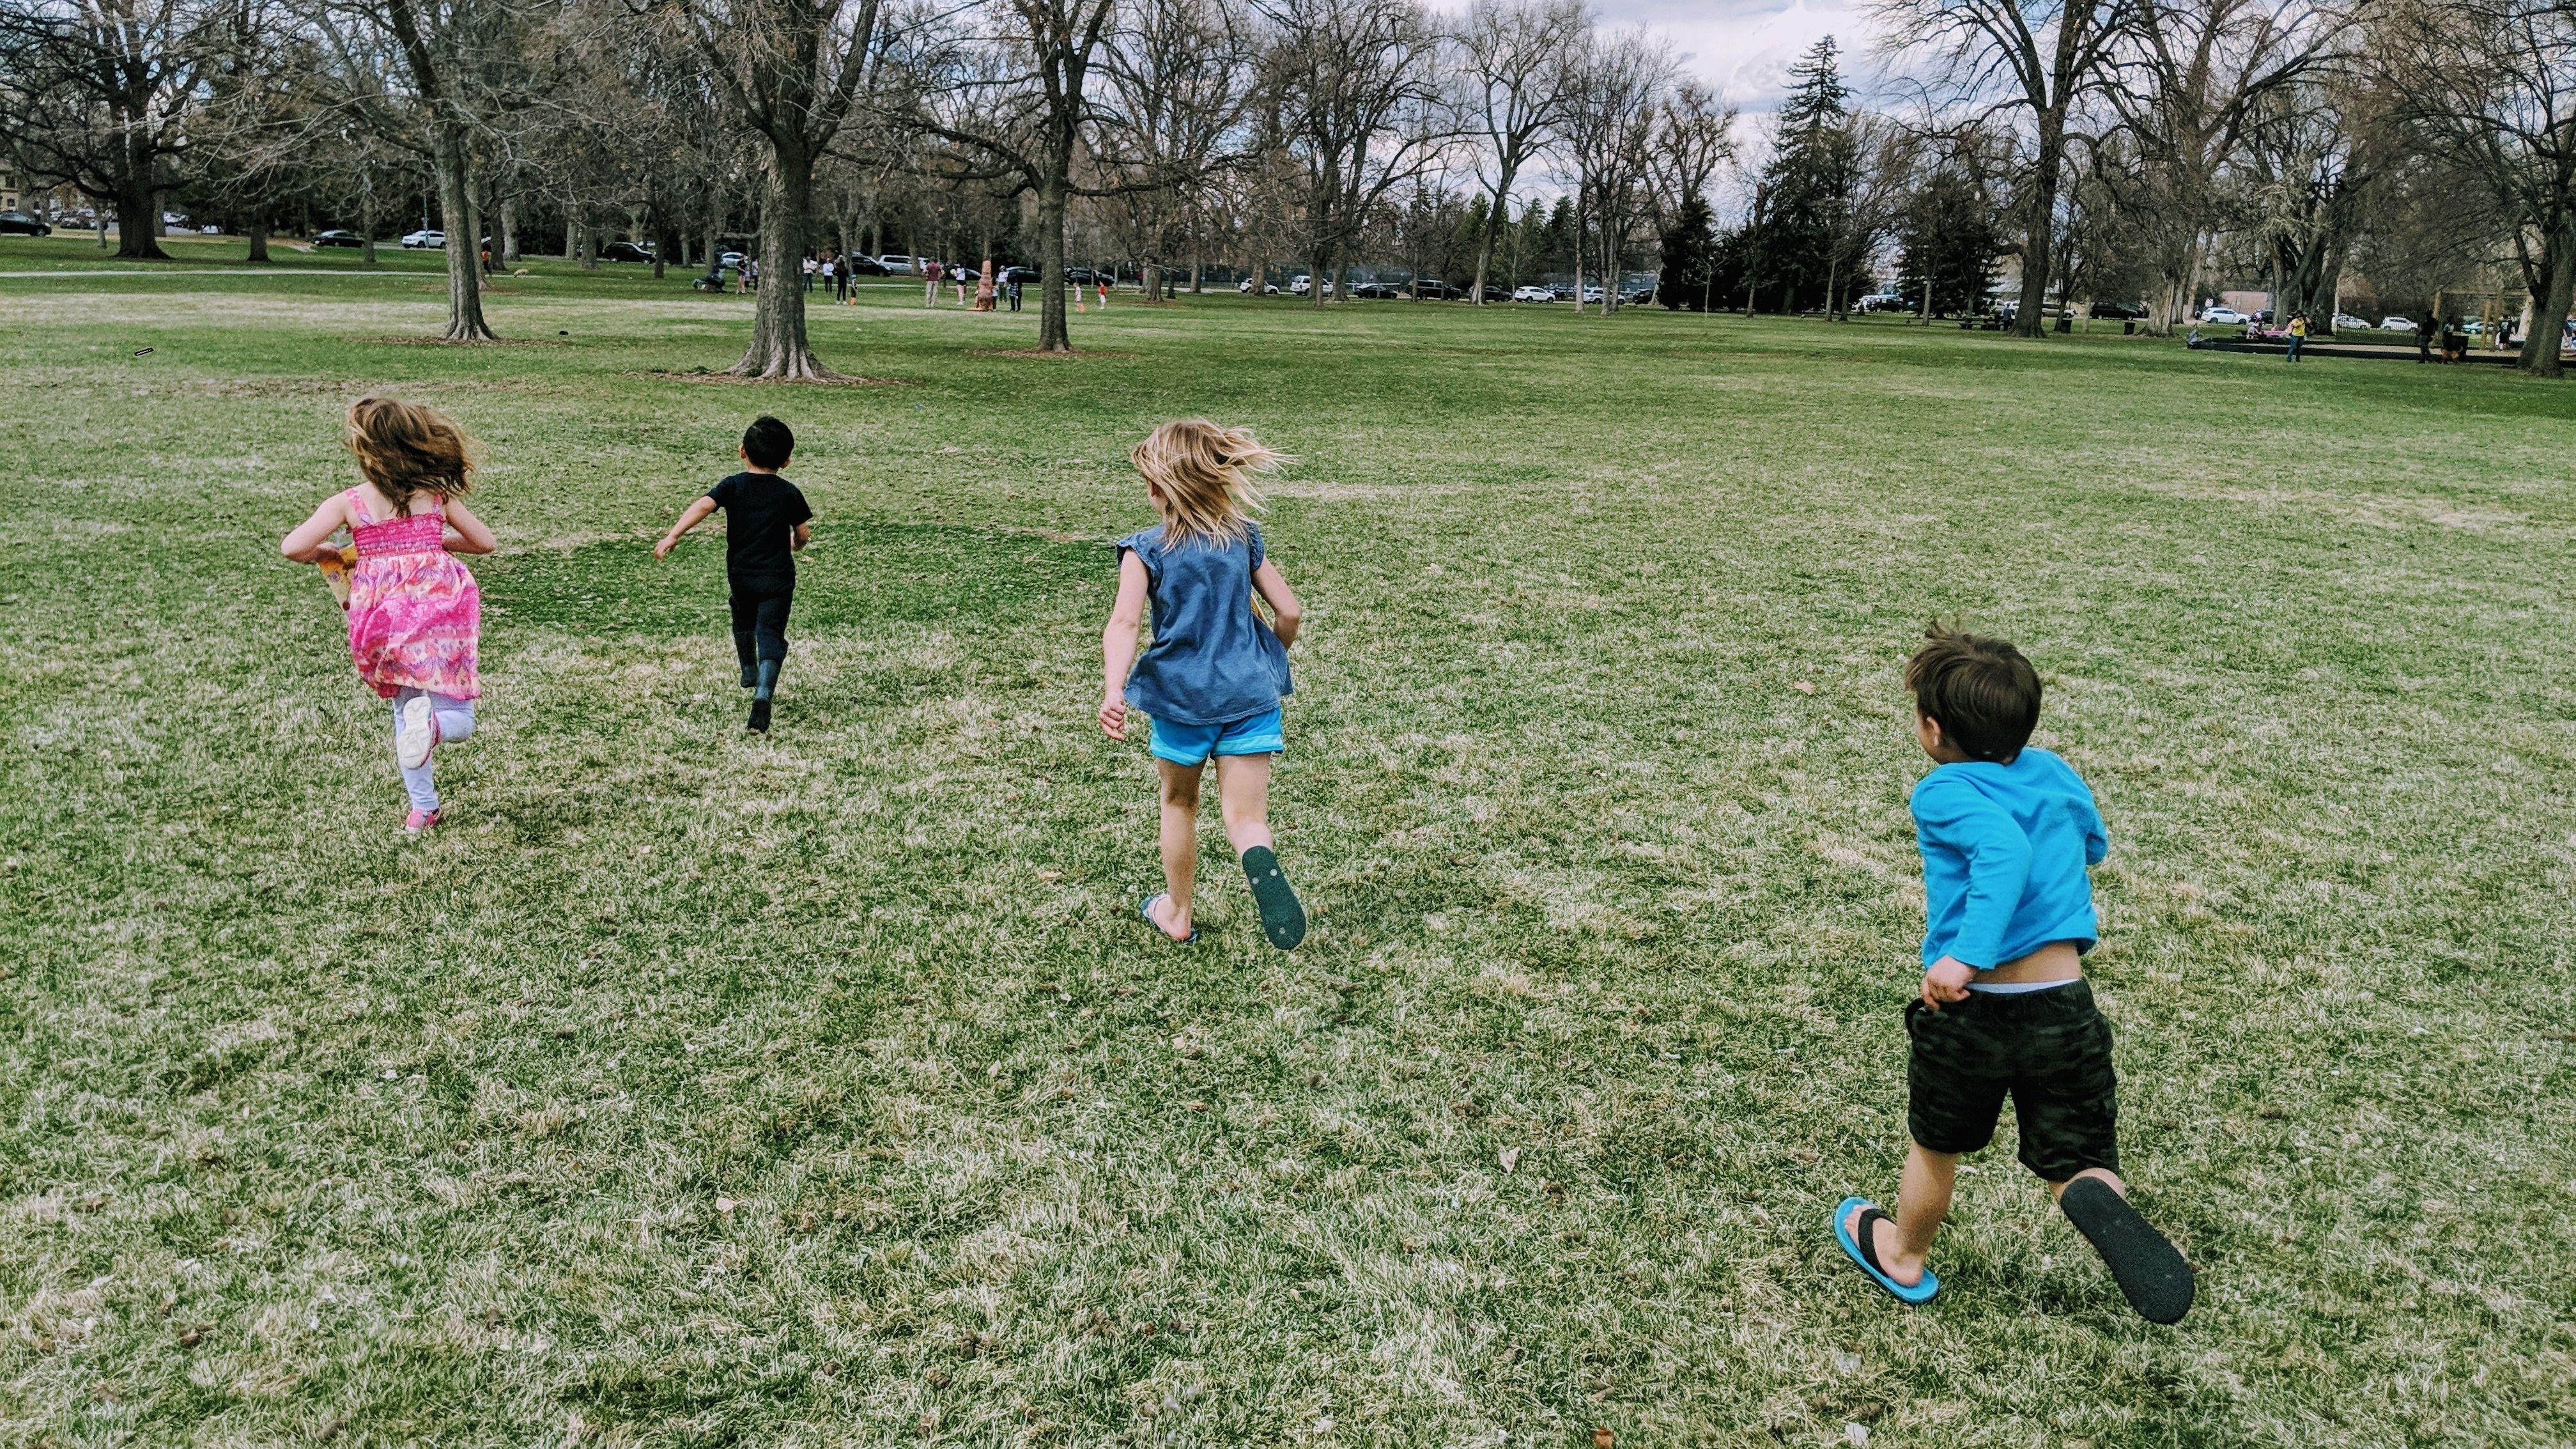 Denver Family Nature Play